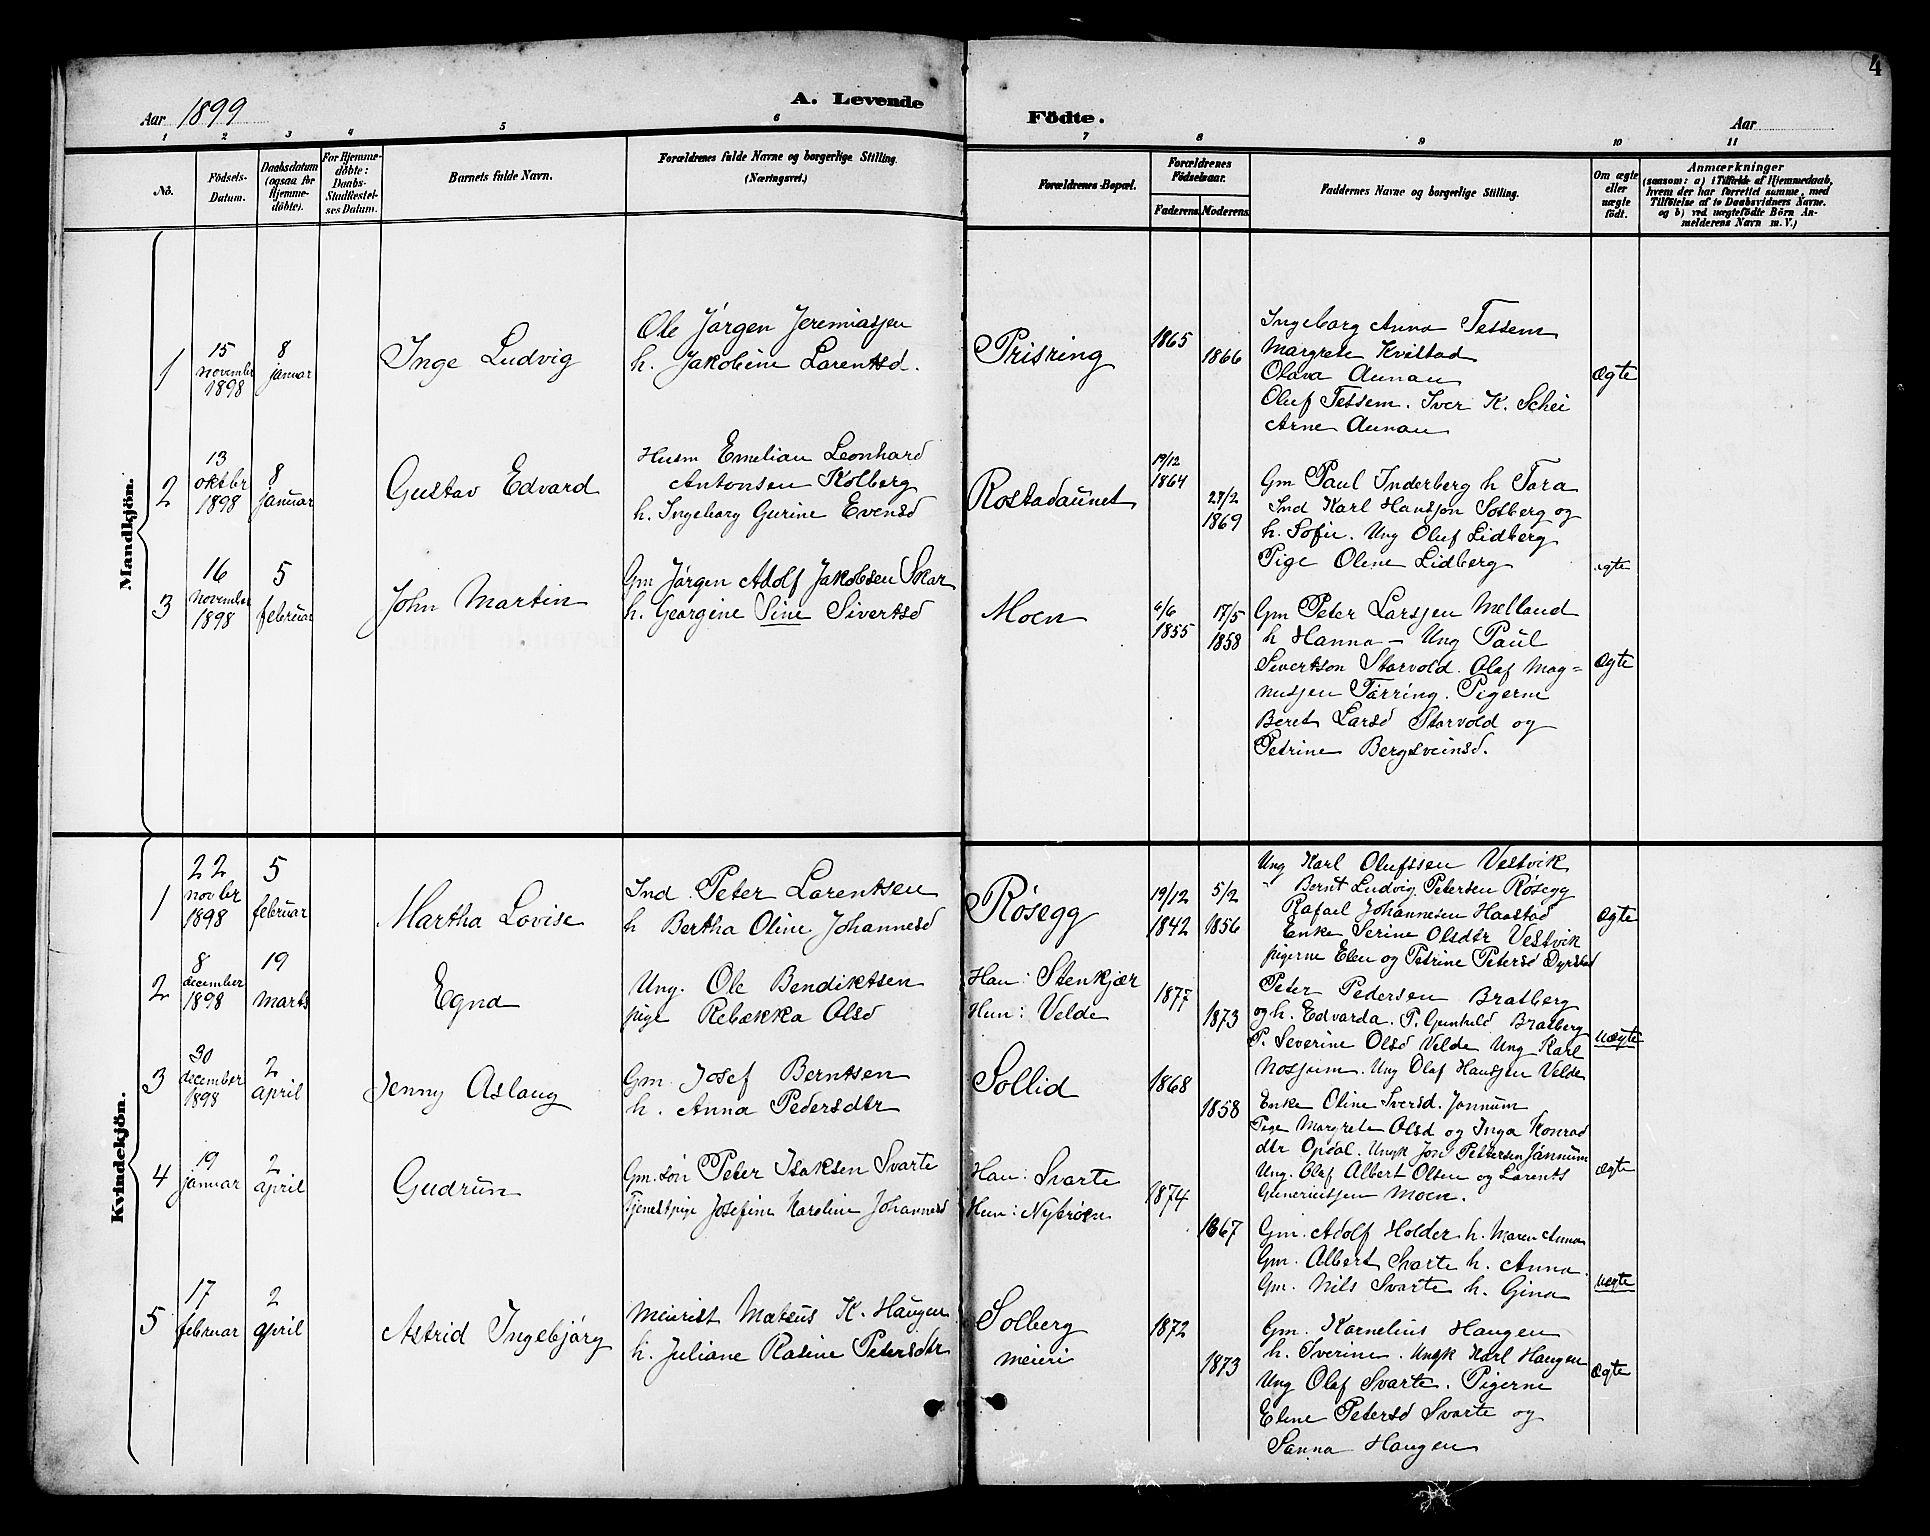 SAT, Ministerialprotokoller, klokkerbøker og fødselsregistre - Nord-Trøndelag, 741/L0401: Klokkerbok nr. 741C02, 1899-1911, s. 4